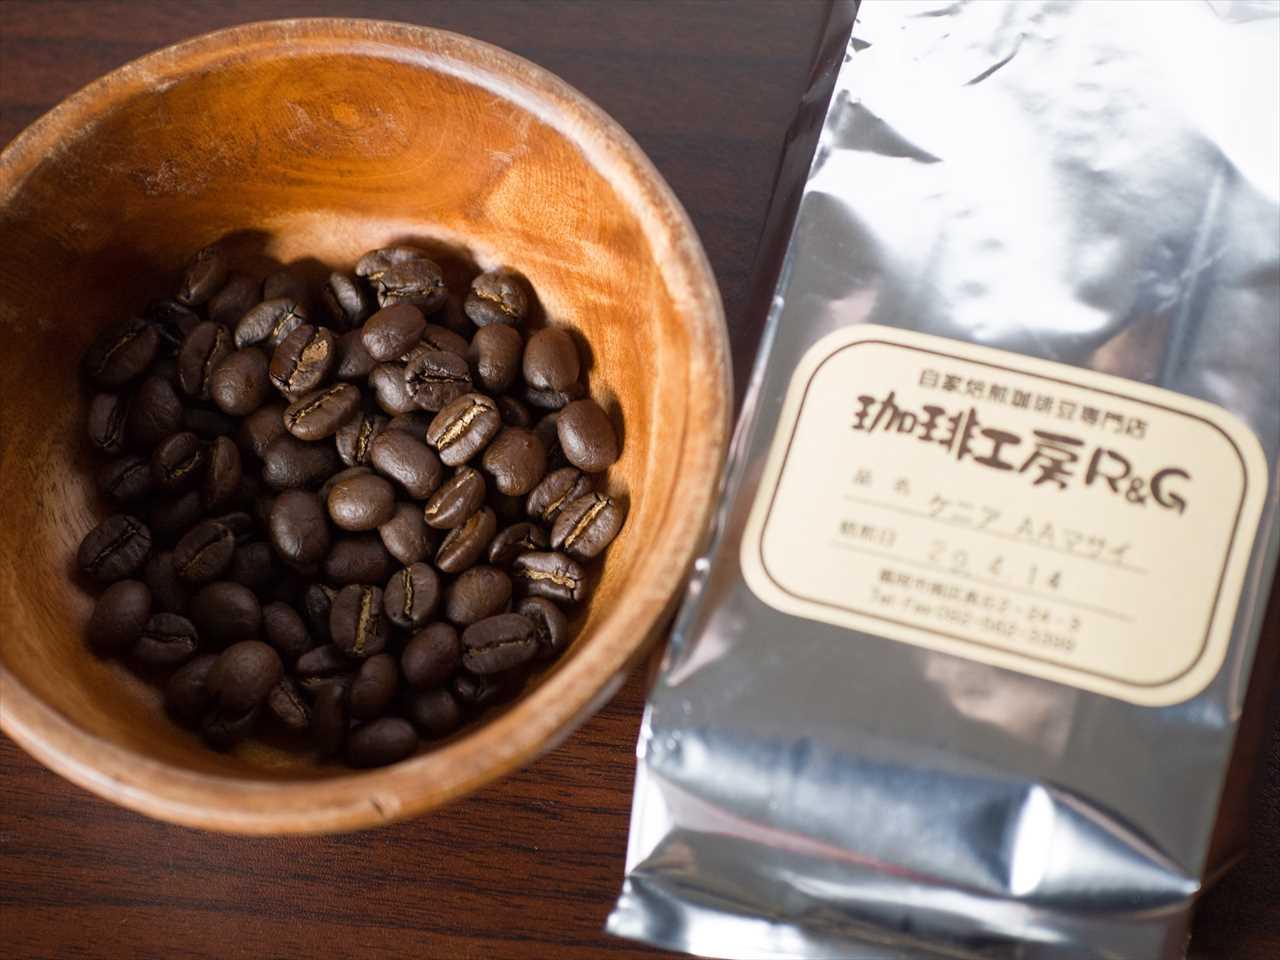 「珈琲工房R&G」さん|コーヒーの生豆を選んで焙煎、部屋中にずっと新鮮な香りが漂う。